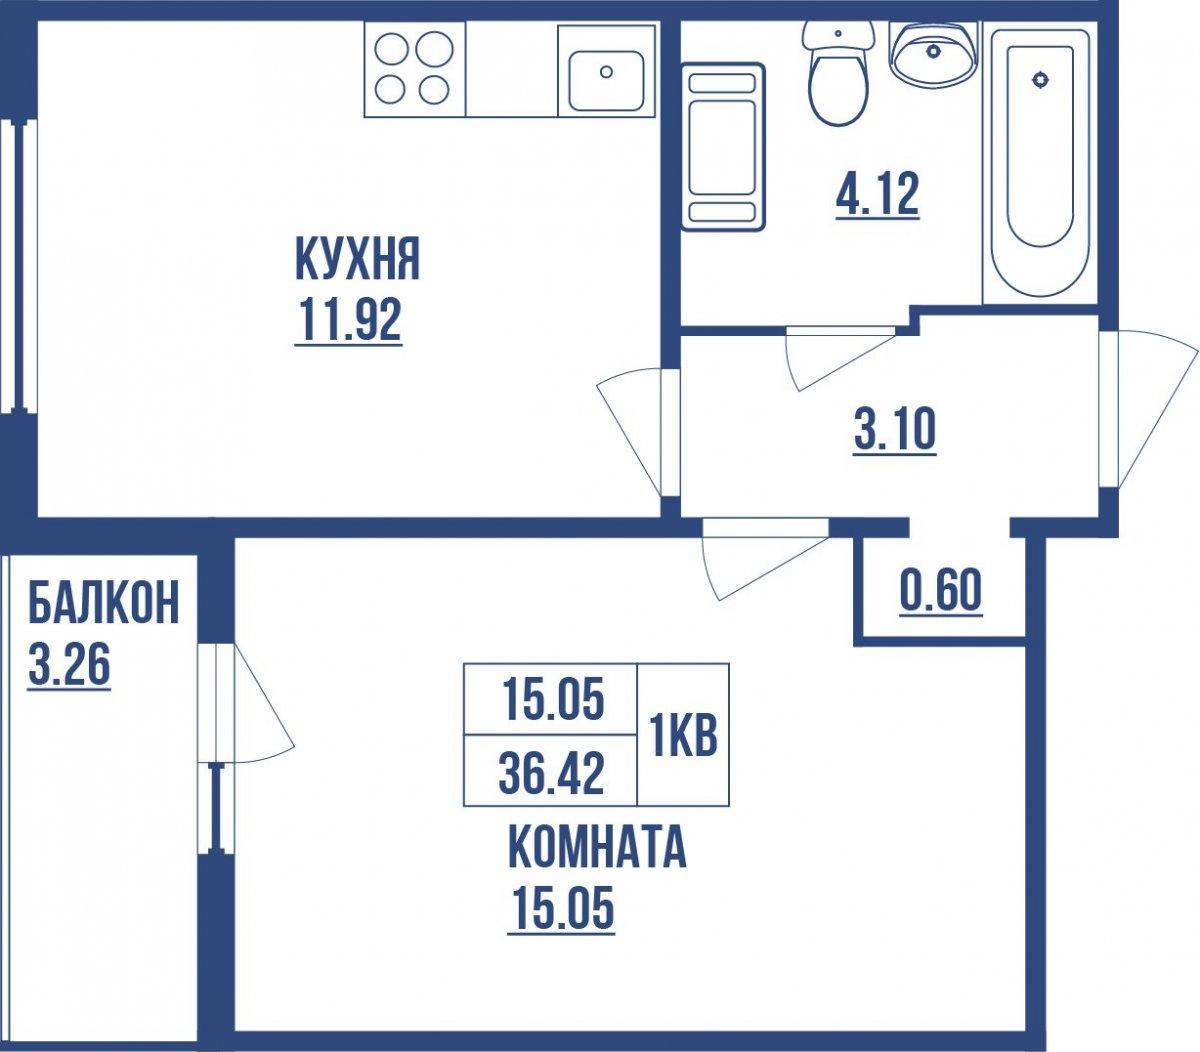 Пейзажная ул., д 10